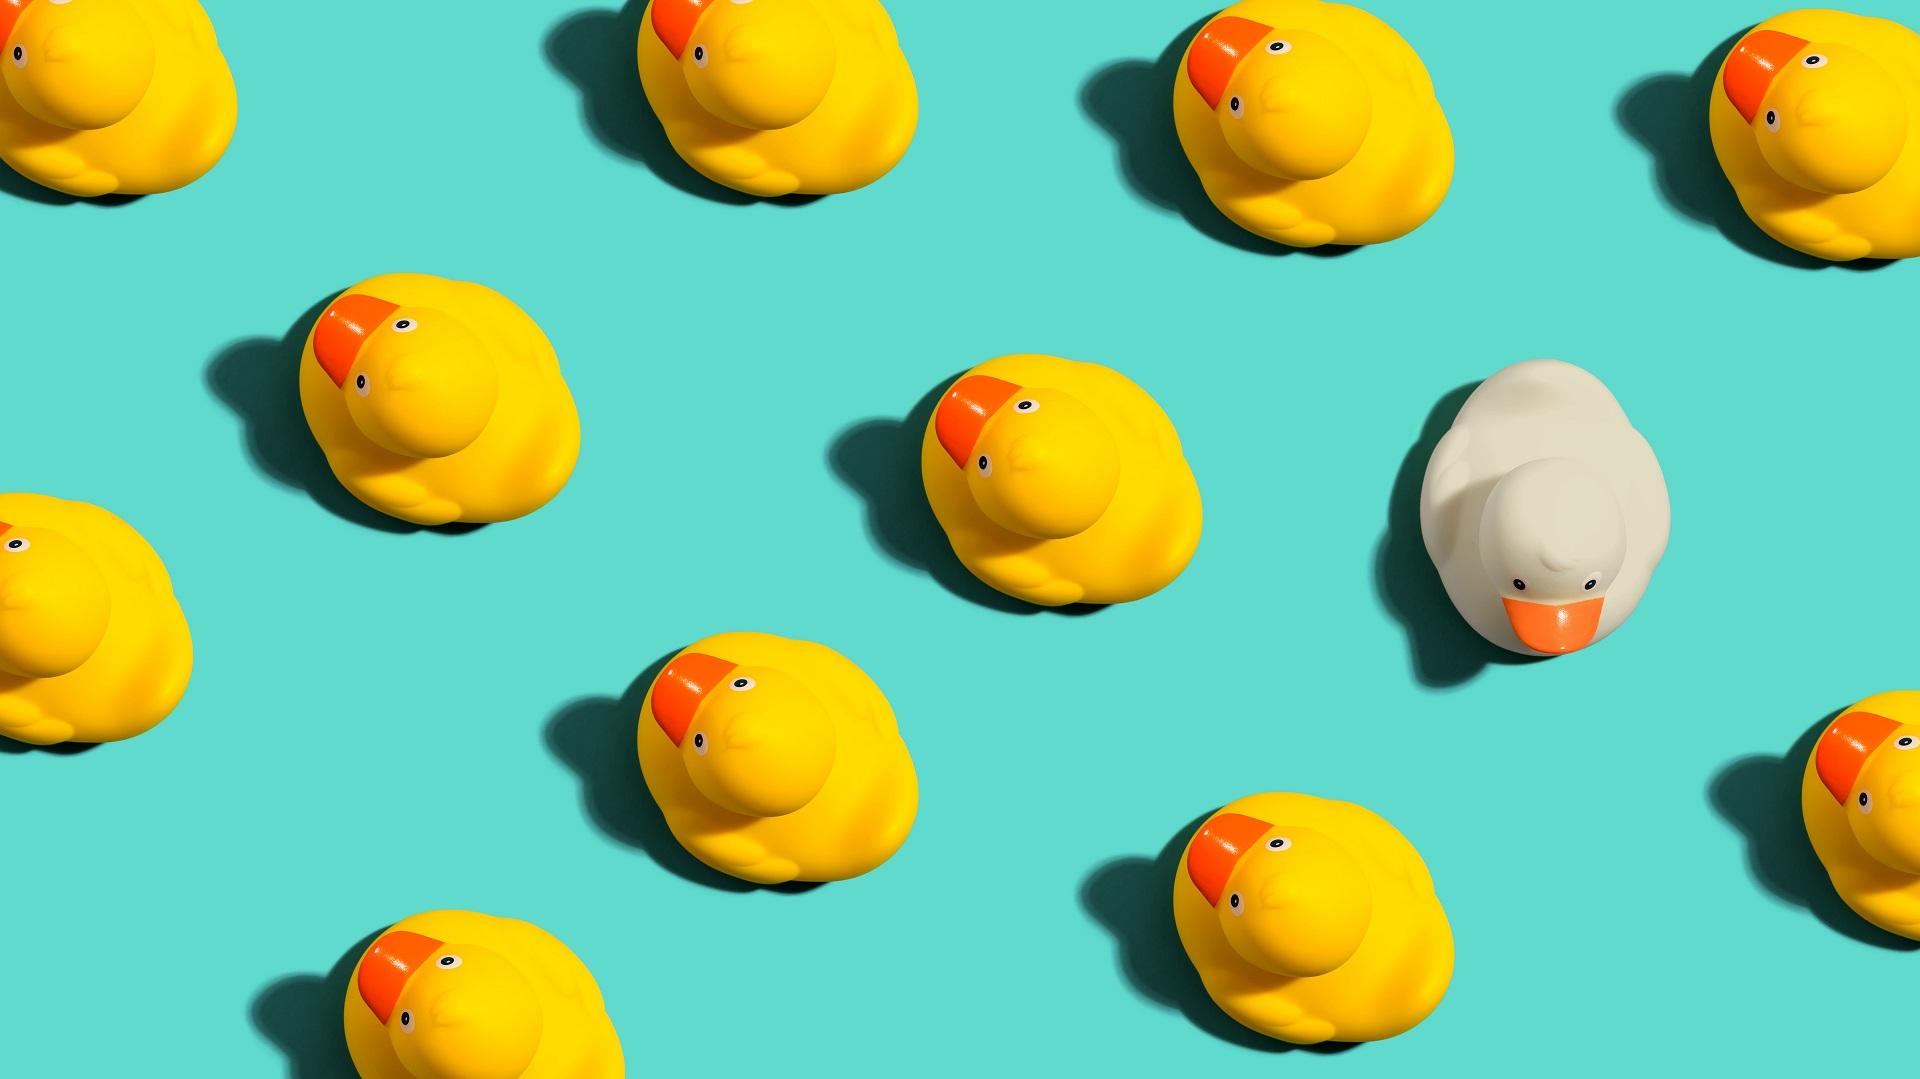 10 Strategie anti caos per disorganizzati cronici e non